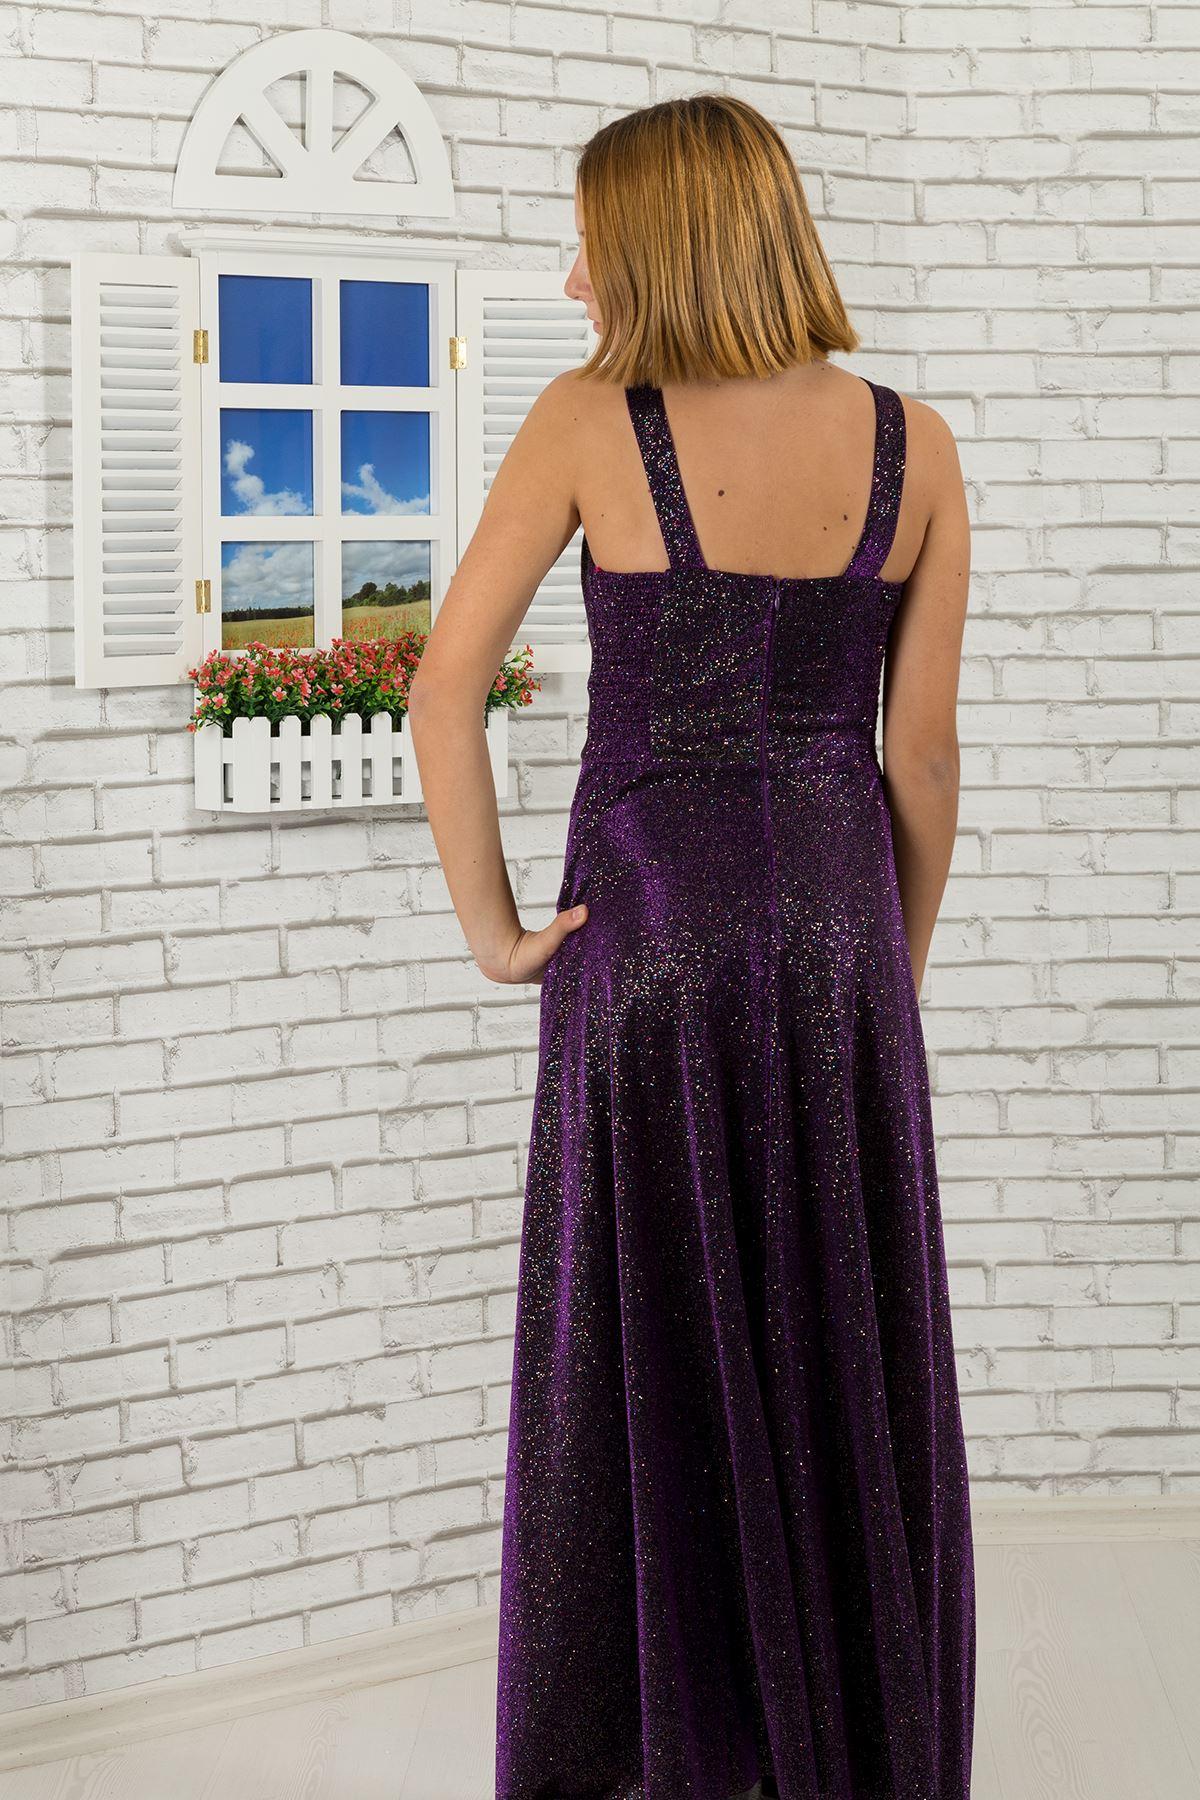 ウエストと首の石詳細な、銀色の生地の女の子の子供のイブニングドレス469紫